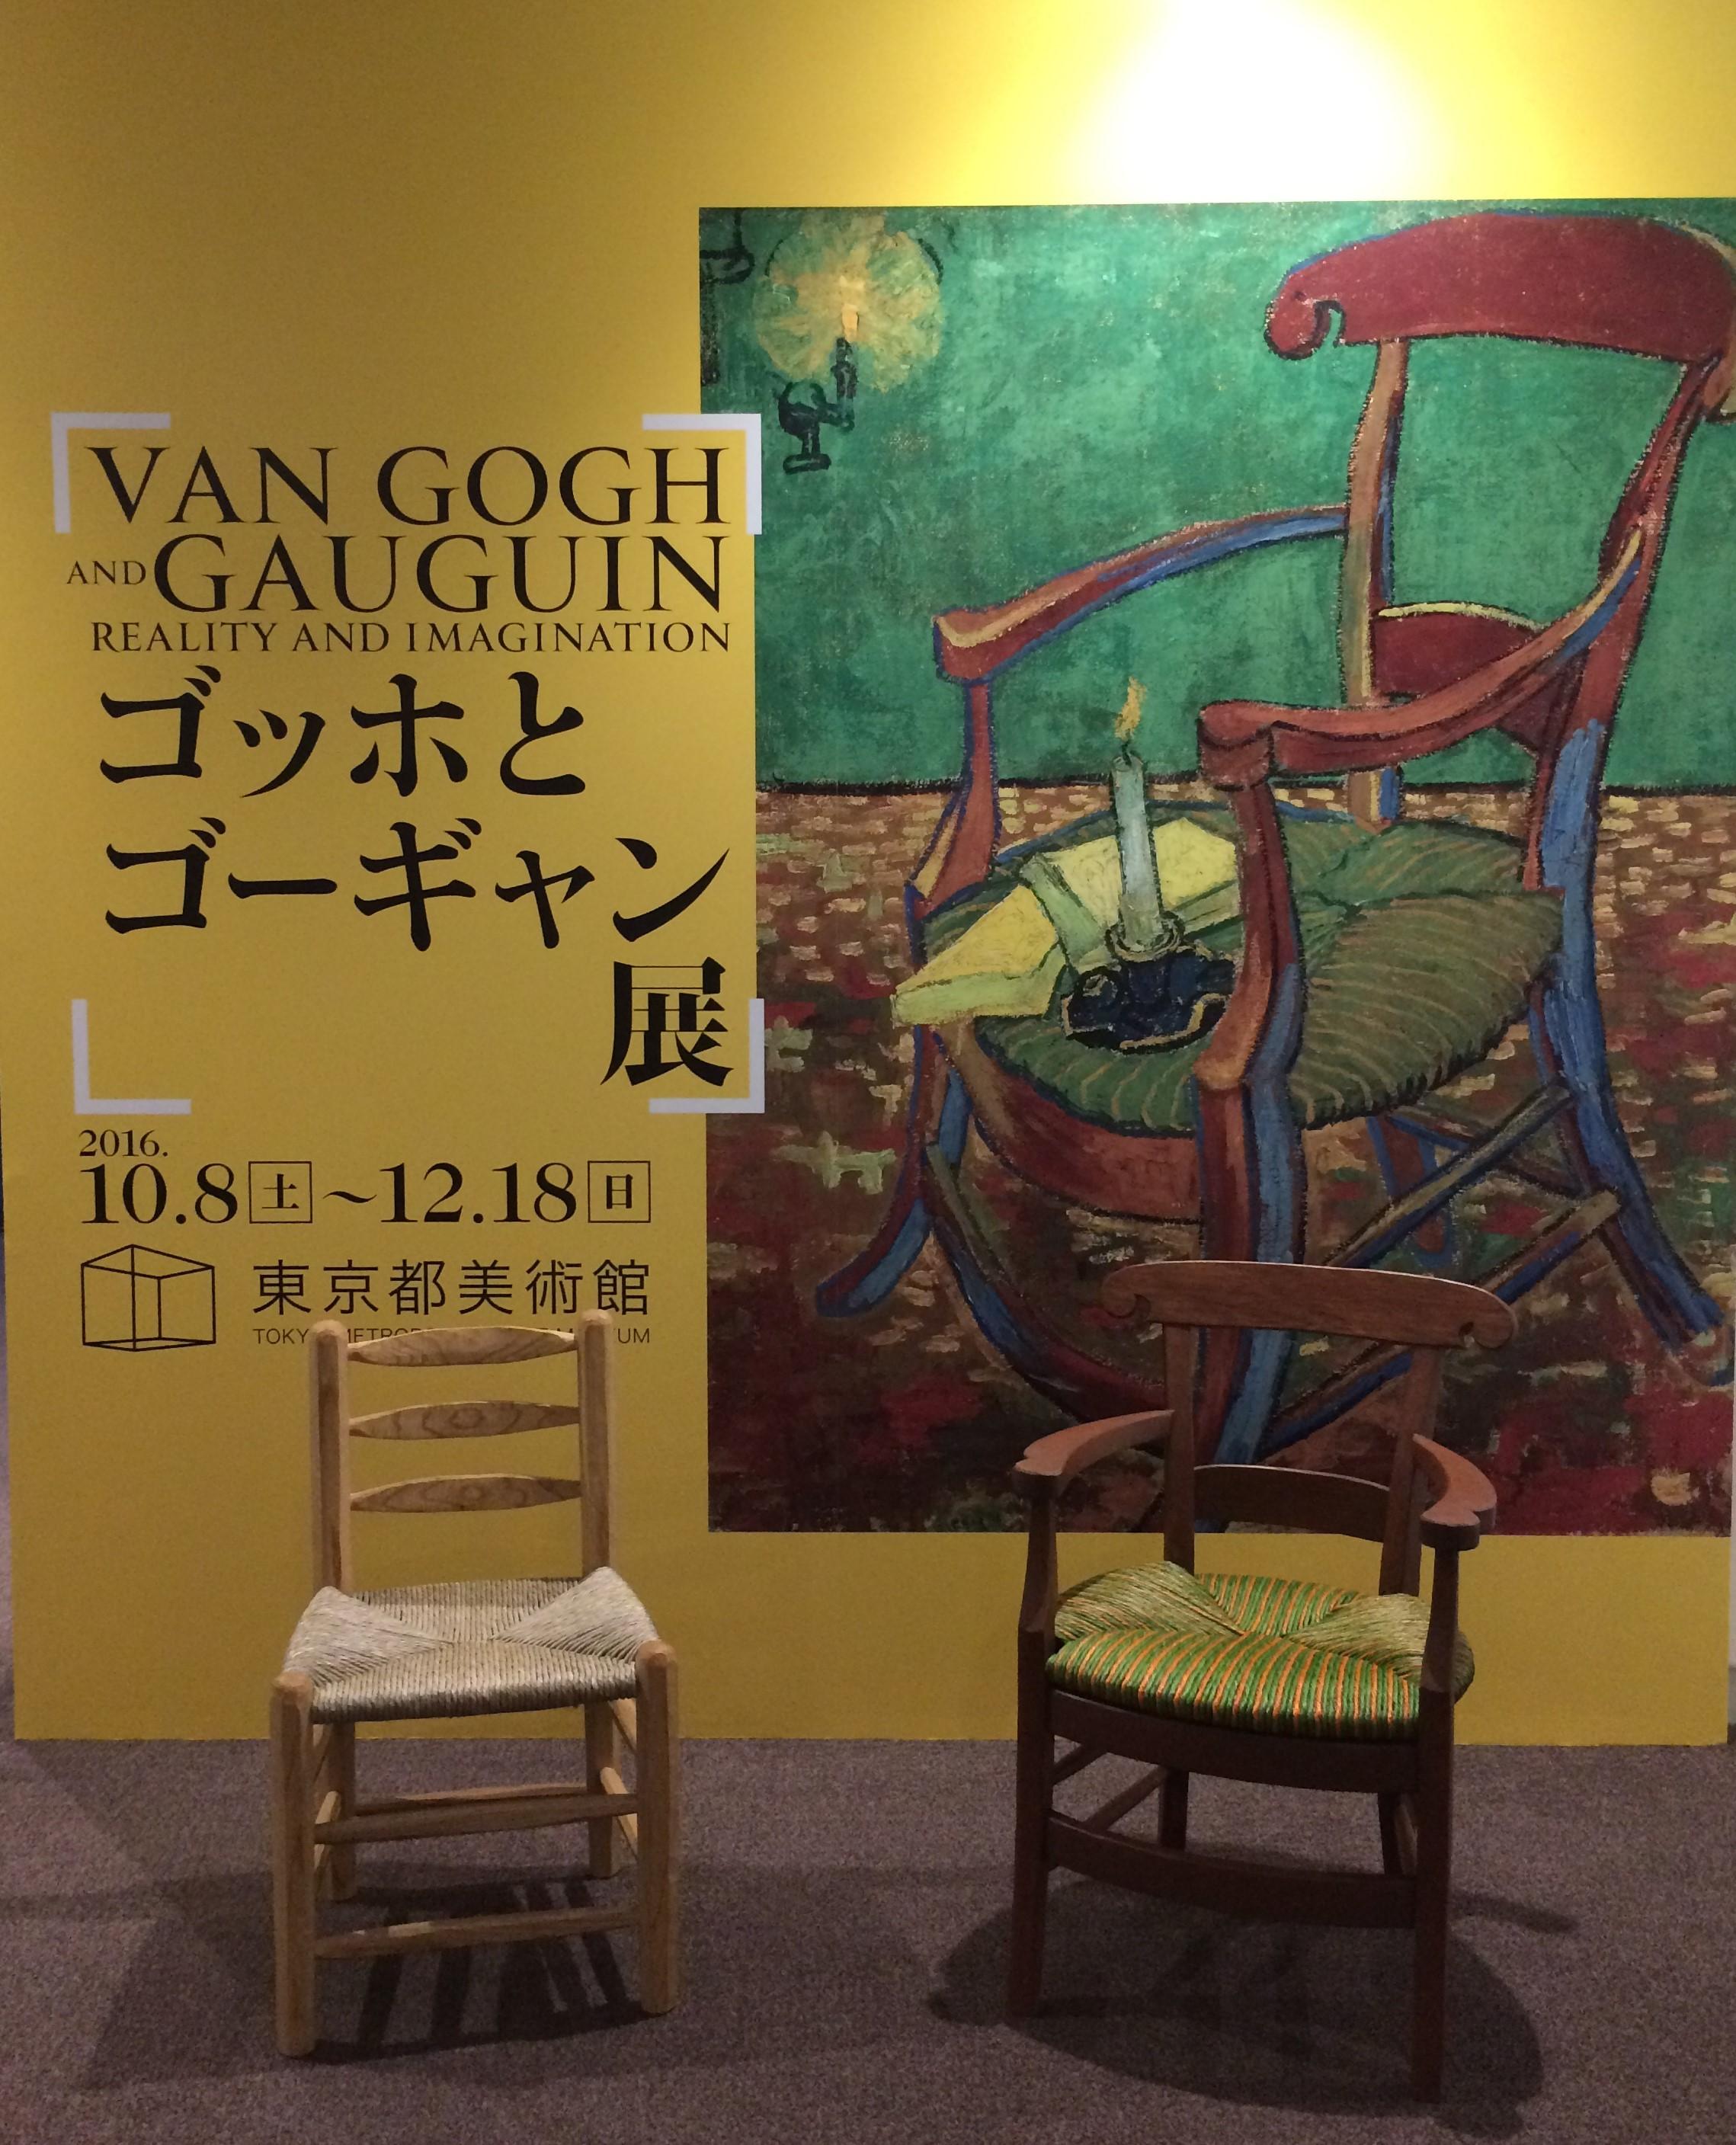 2016 ゴッホ 椅子 レプリカ